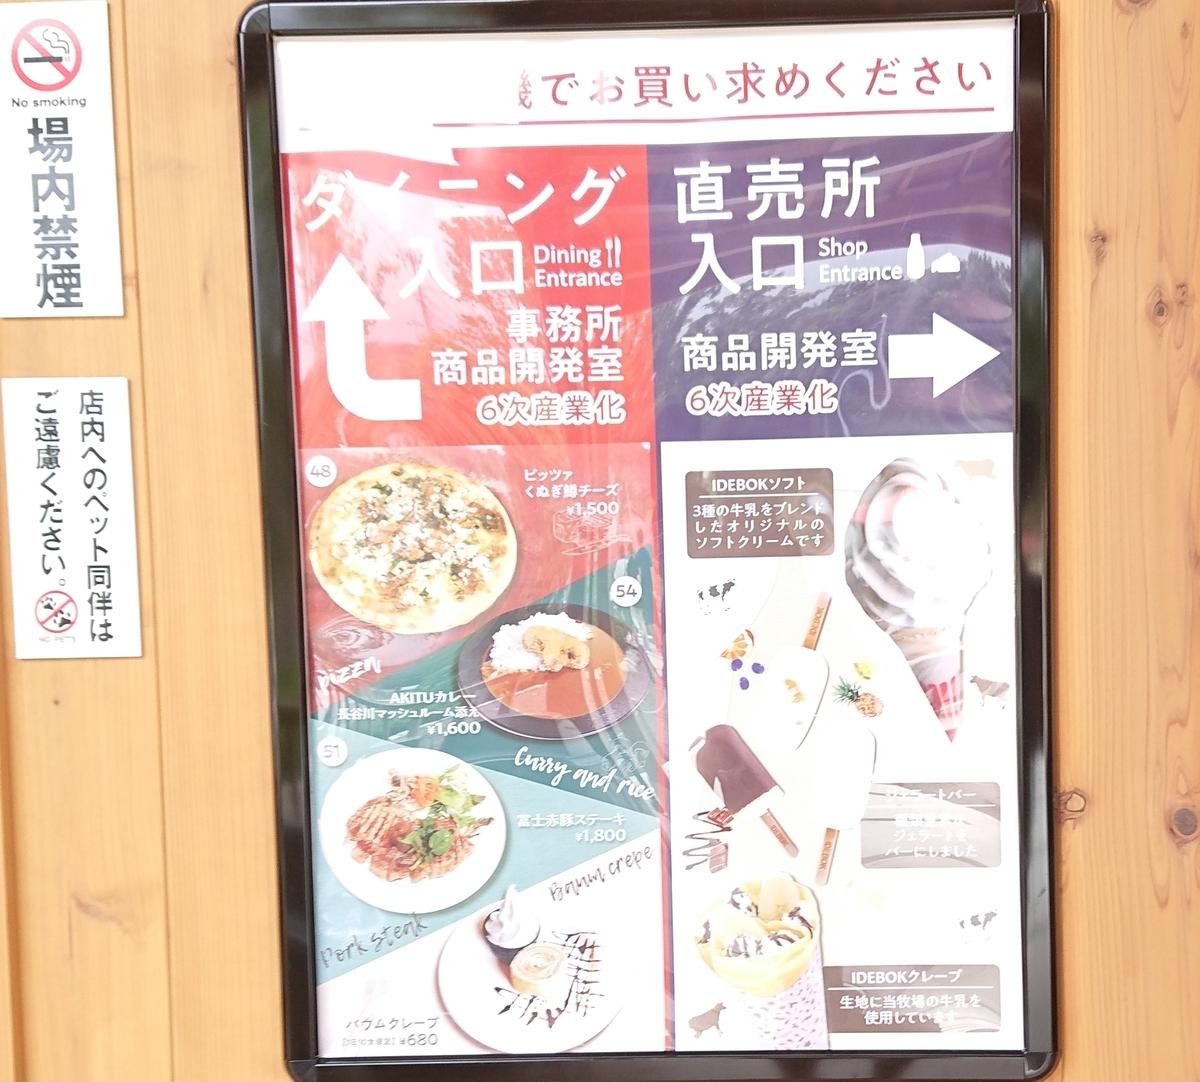 20190818111957 - 富士山高原 cow resort IDEBOKU(カウリゾート いでぼく)に行ってきました!